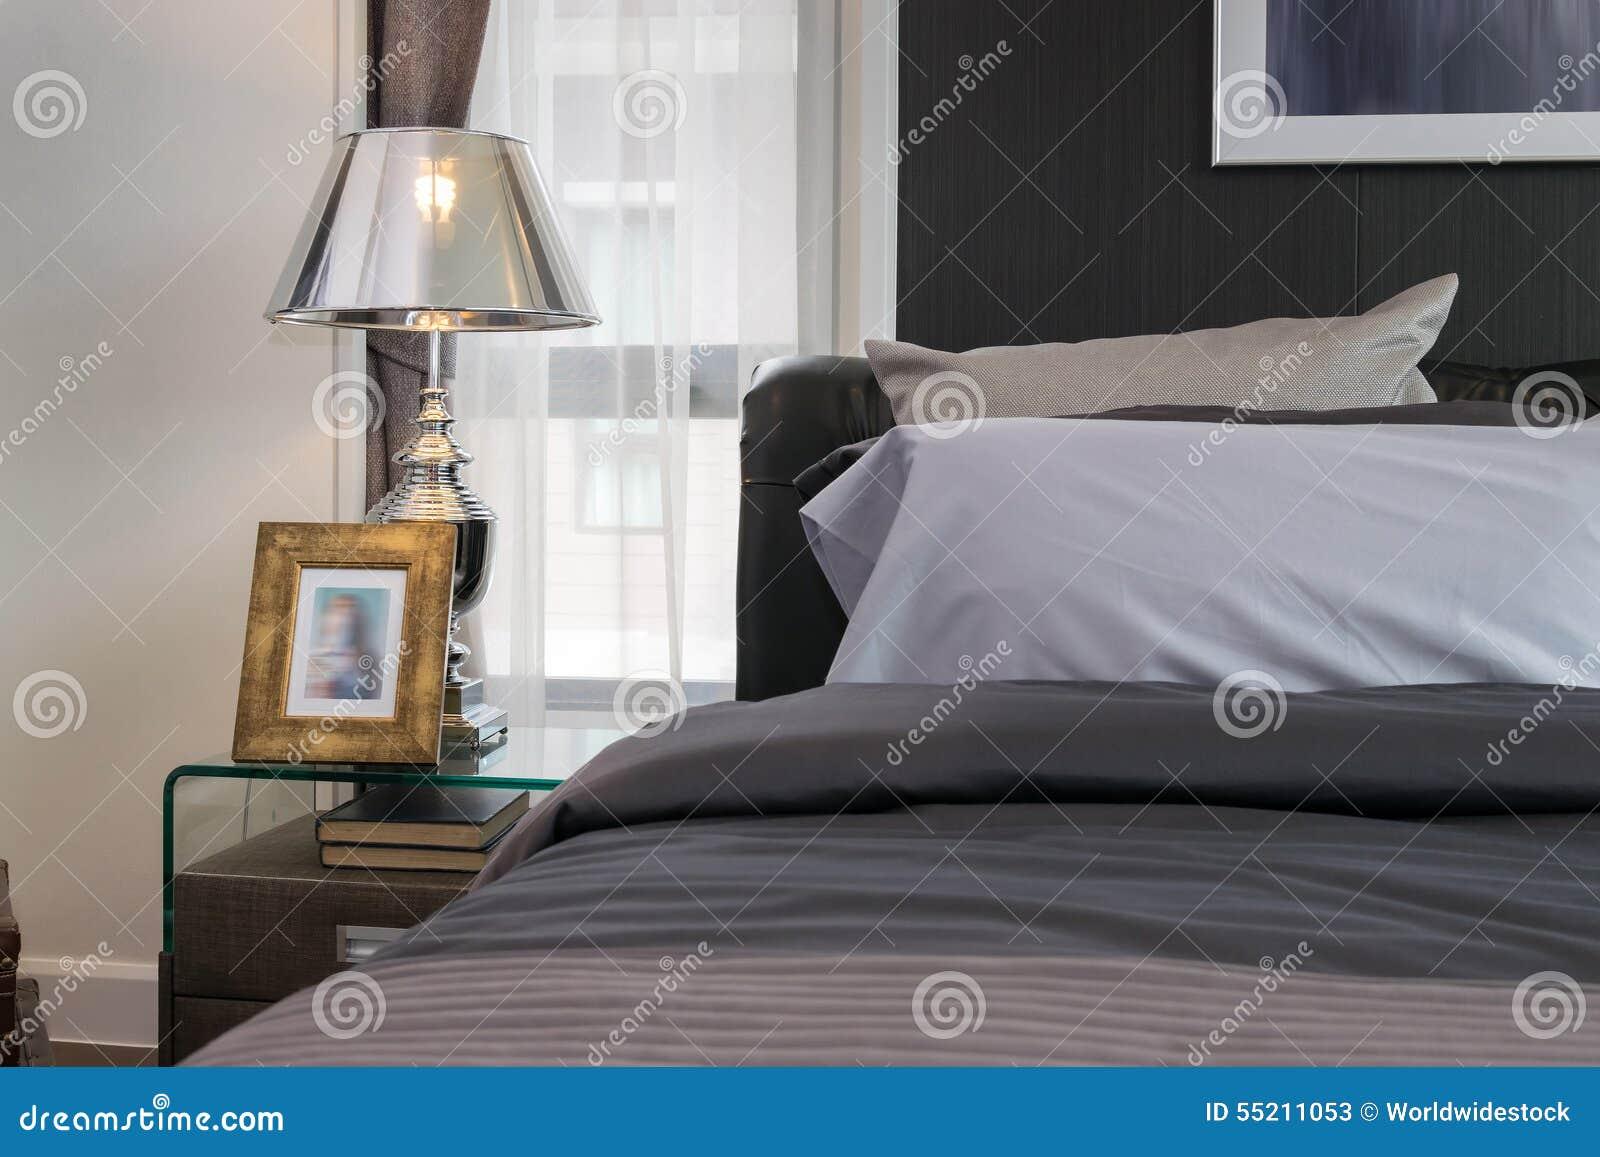 Lampada e cornice sul comodino camera da letto stock - Giochi da baciare sul letto ...